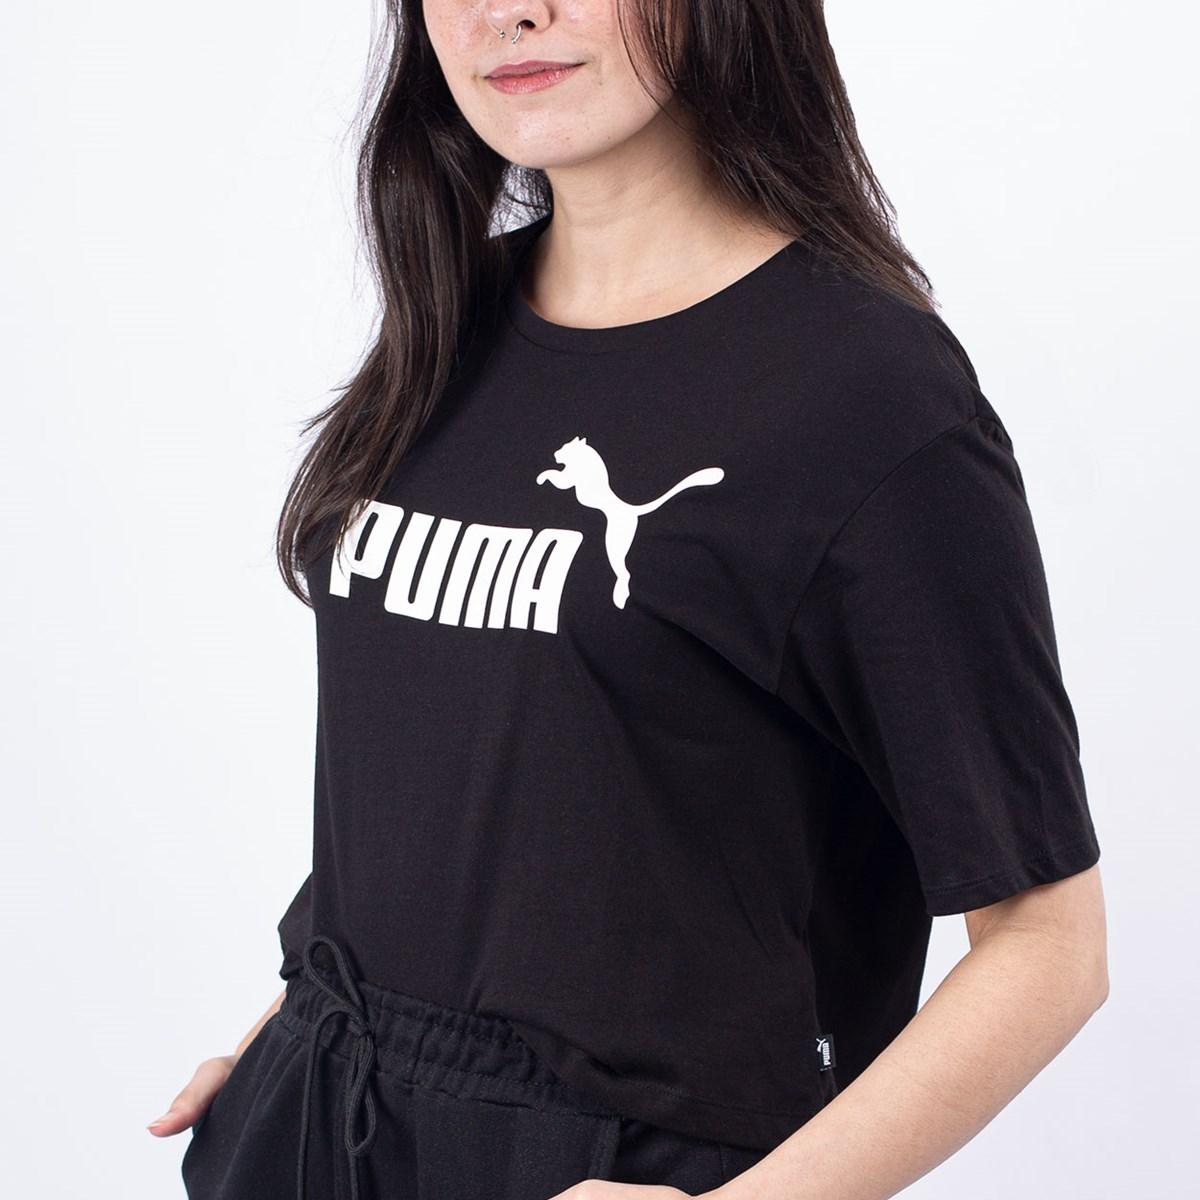 Camiseta Puma Feminina Essentials+ Cropped Tee Black 85259401